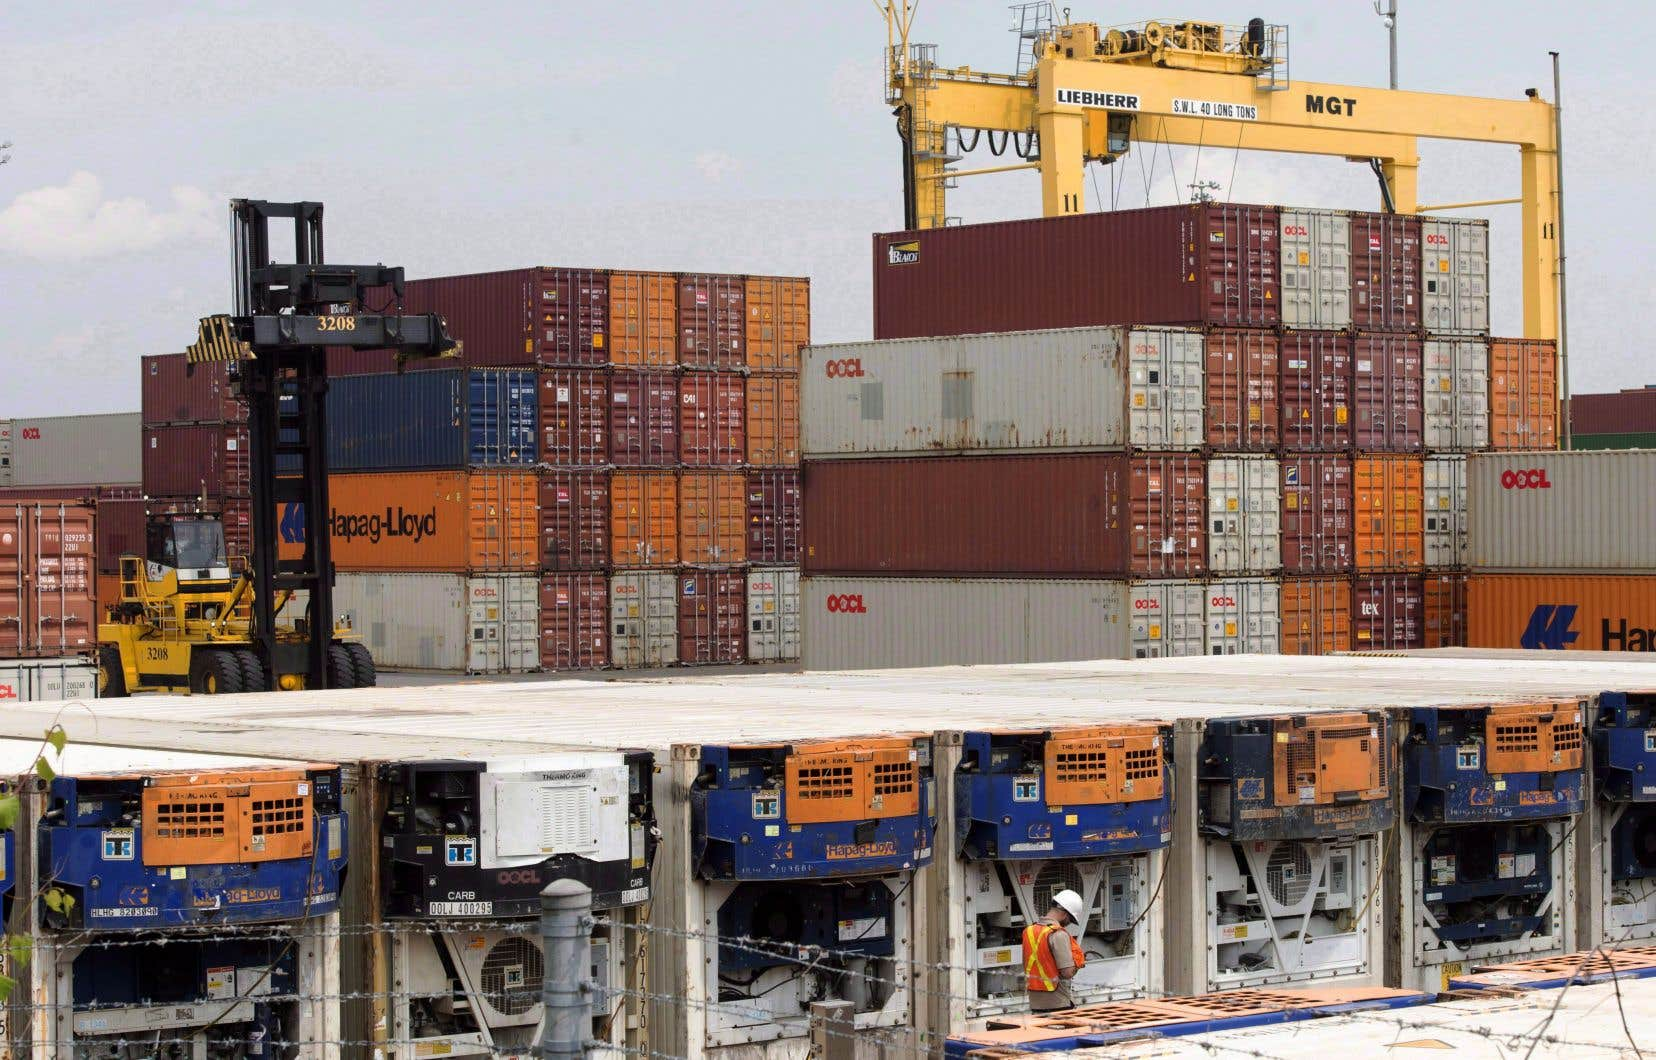 Les négociations achoppent principalement sur les salaires alors que les capitaines d'Océan Remorquage accusent un retard salarial comparativement au reste de l'industrie.